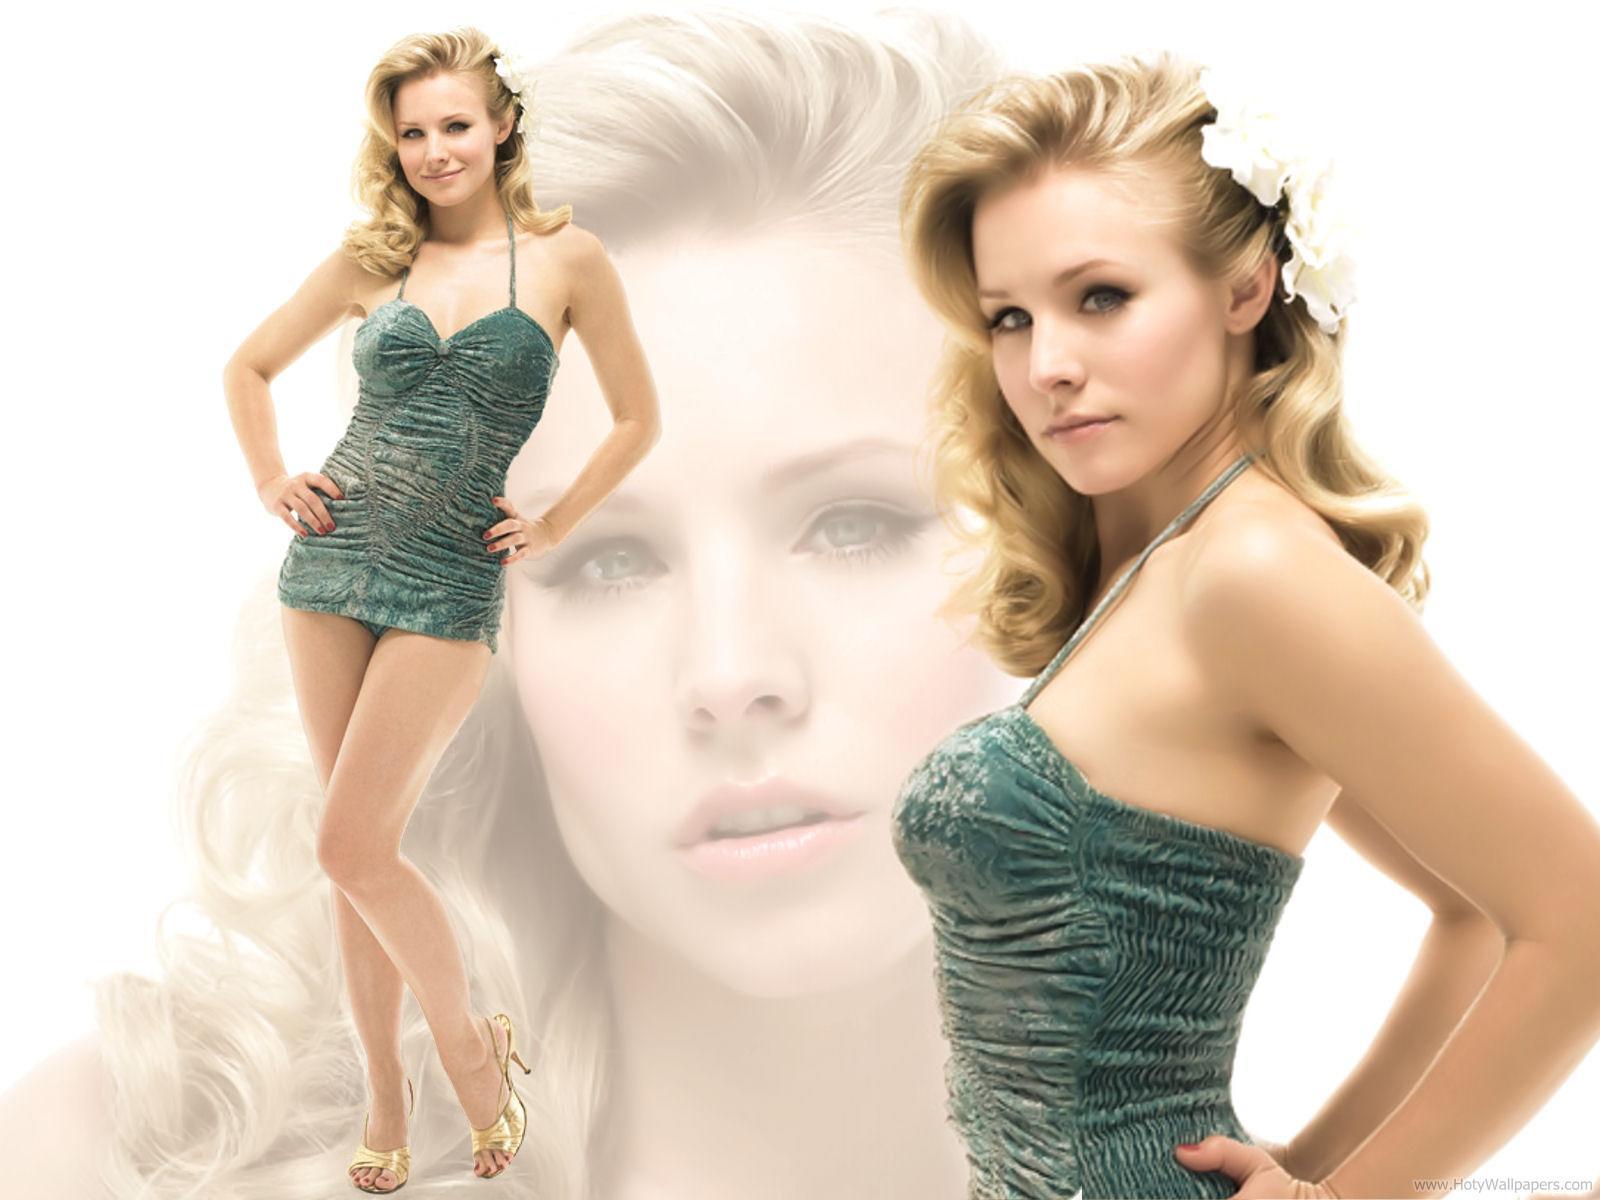 http://4.bp.blogspot.com/-HWo5Q_E9y5I/TrVeRdWnWCI/AAAAAAAAPZQ/WyH4nYINSM0/s1600/kristen_bell_american_actress_wallpaper.jpg